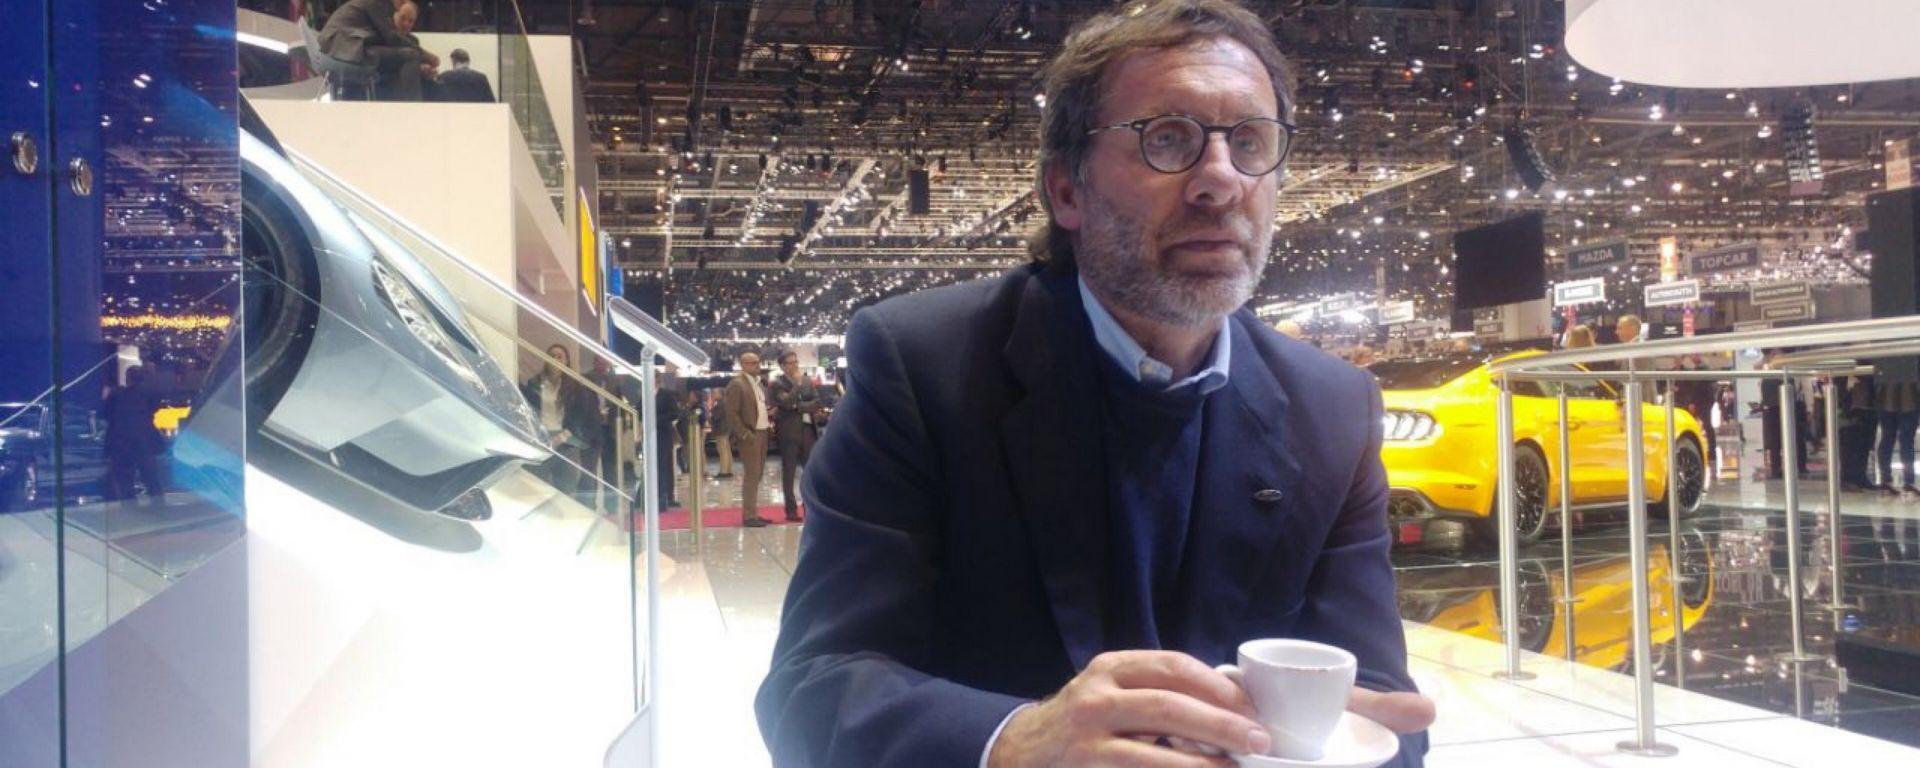 Marco Alù Saffi, Direttore Relazioni Esterne Ford Italia